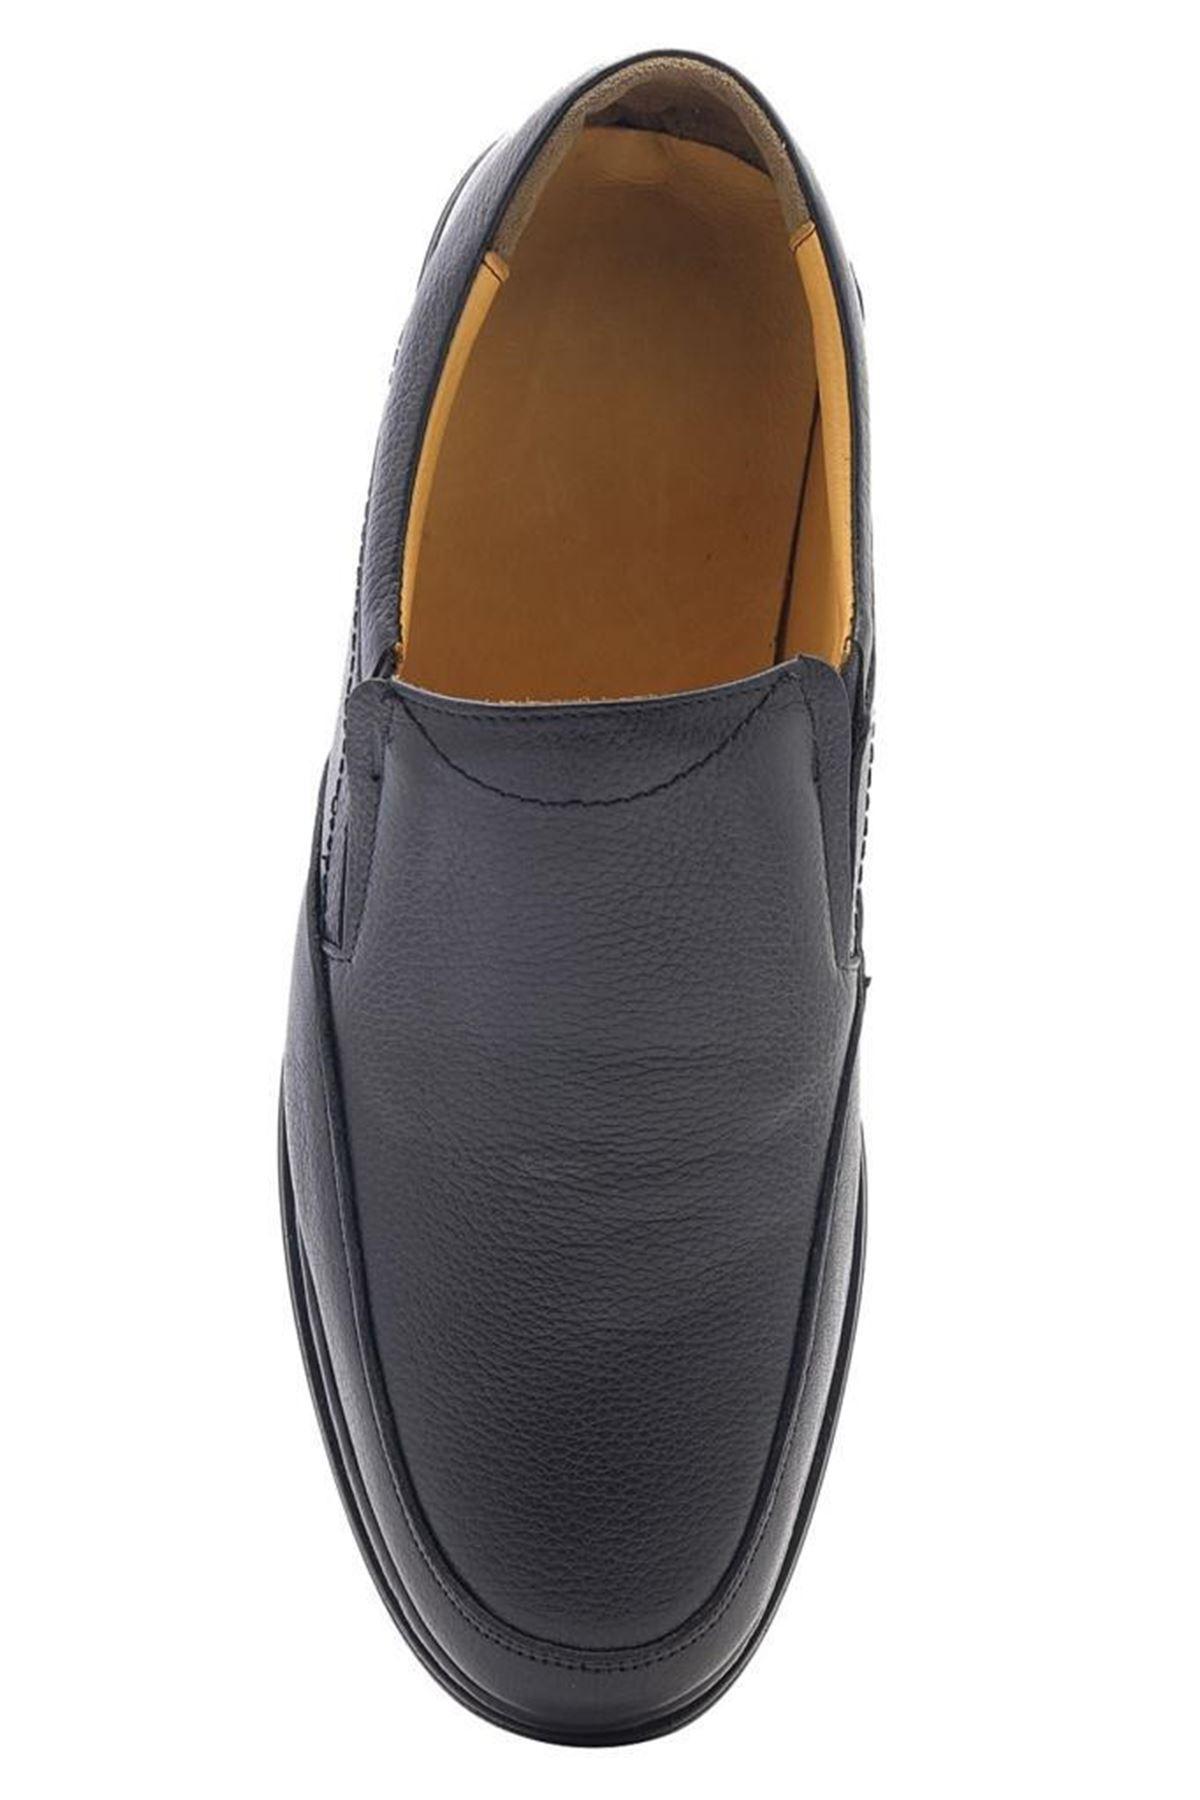 Fancy Diyabetik Ortopedik Yumuşak Günlük Ayakkabı